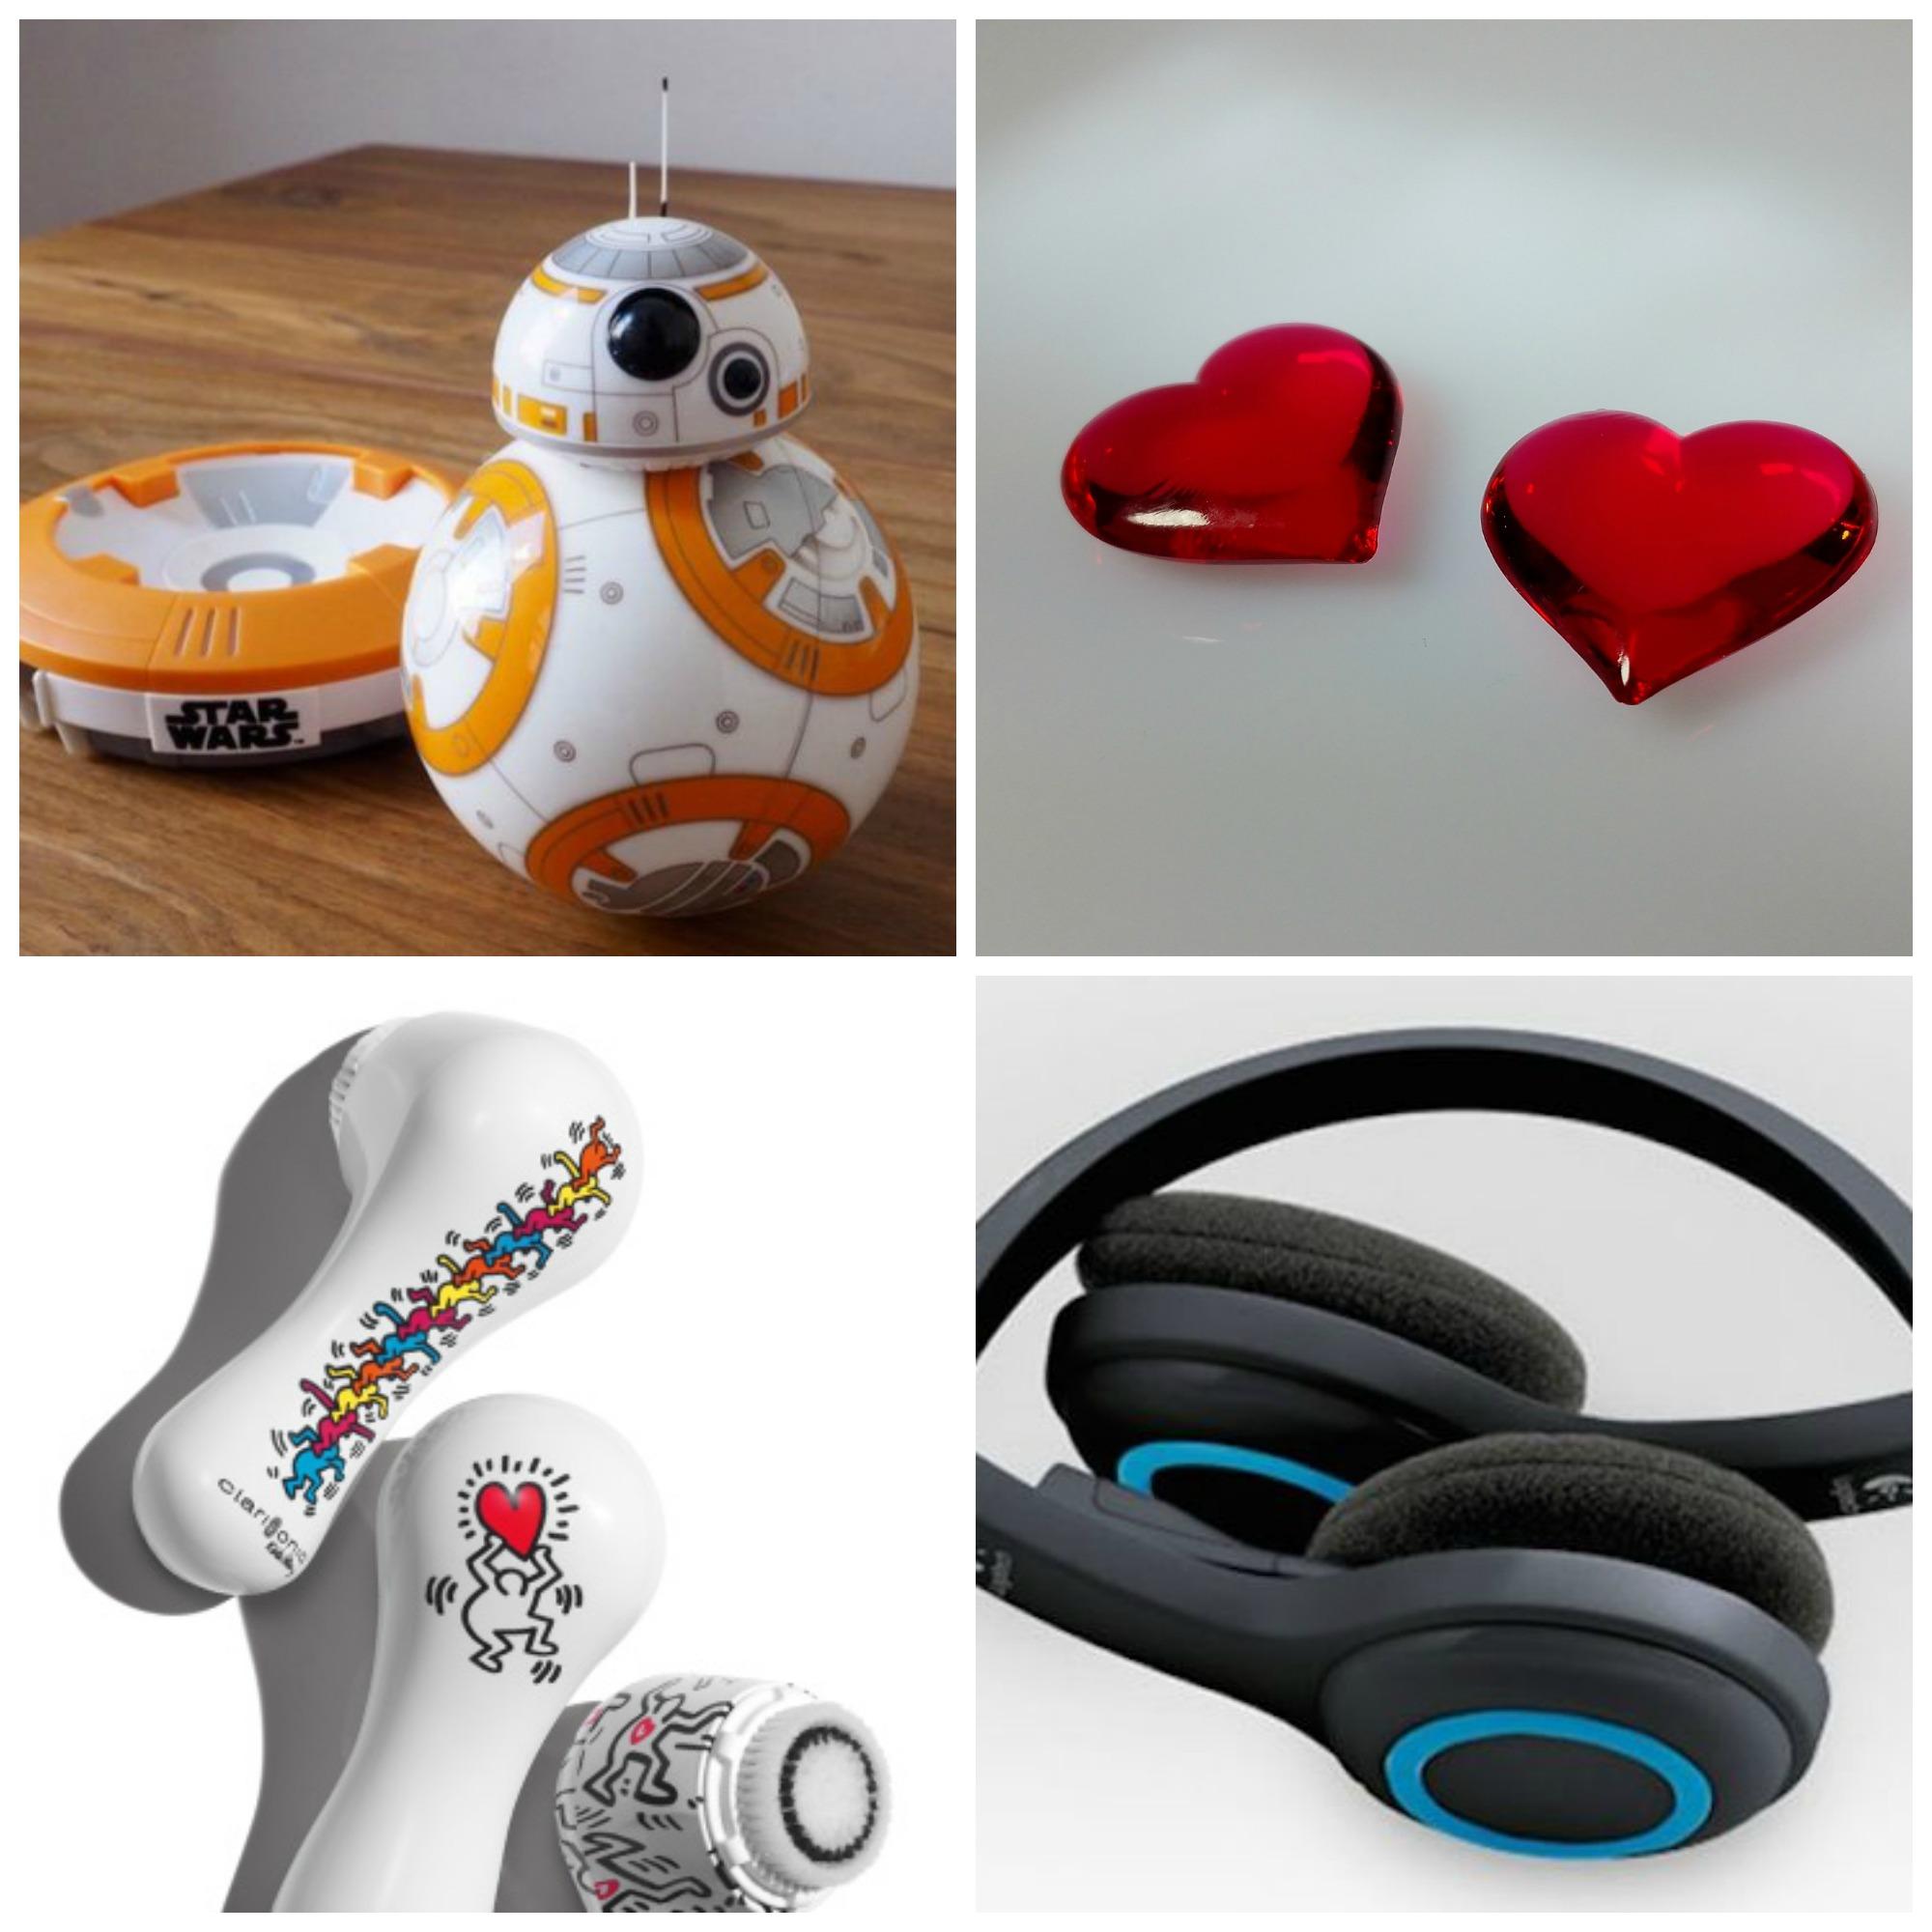 San valentino idee regali tecnologici per lui for Regali per